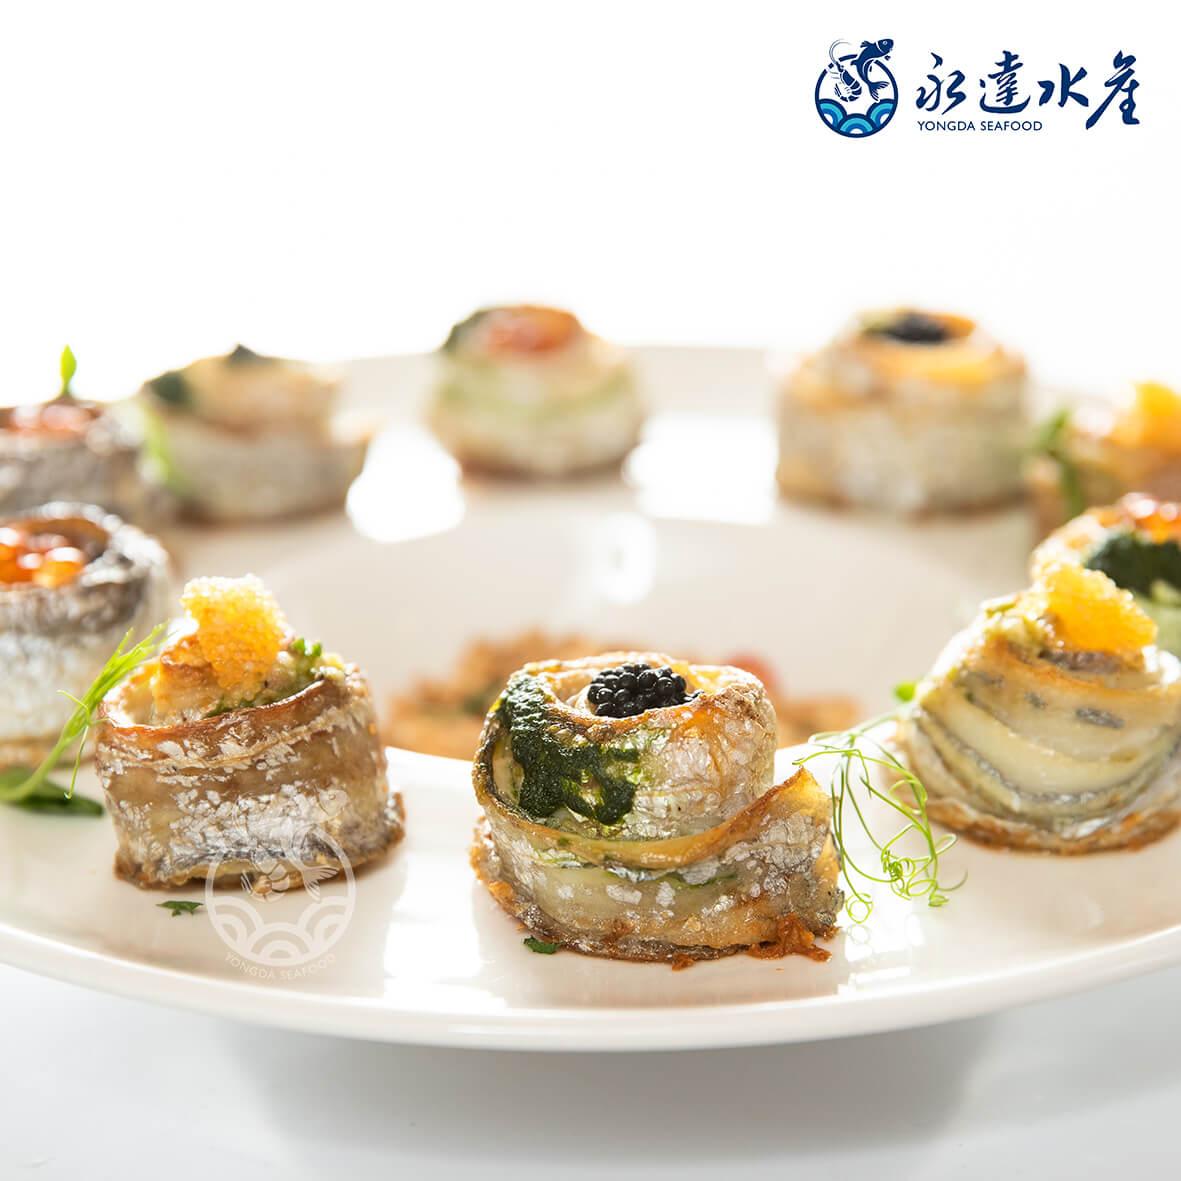 水產|海鮮|熱銷白帶魚卷|白帶魚卷|白帶魚|魚卷|魚